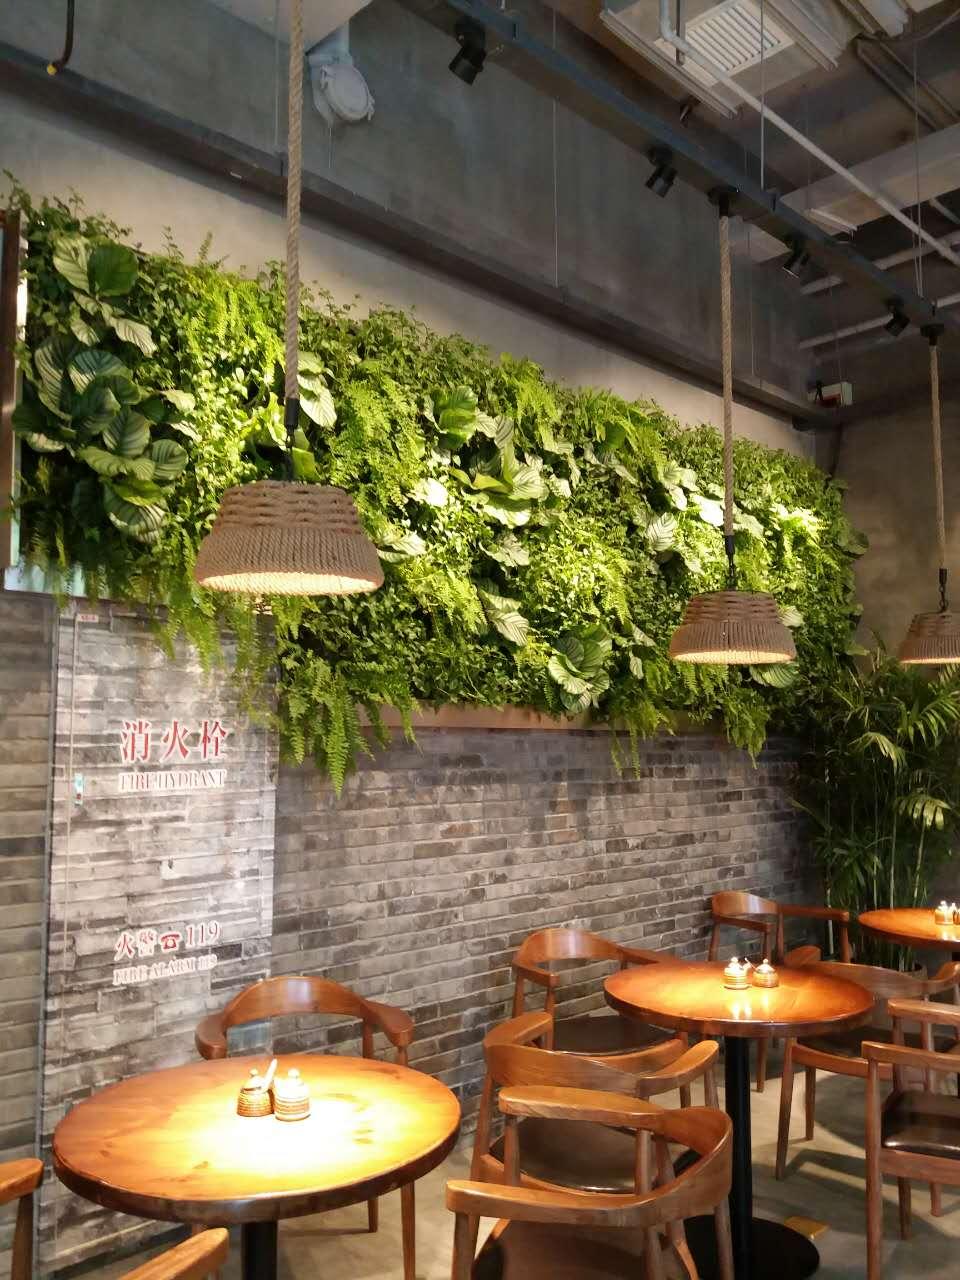 绿植墙的使用,则充分发挥绿植的优势,营造一种回归自然的氛围.图片